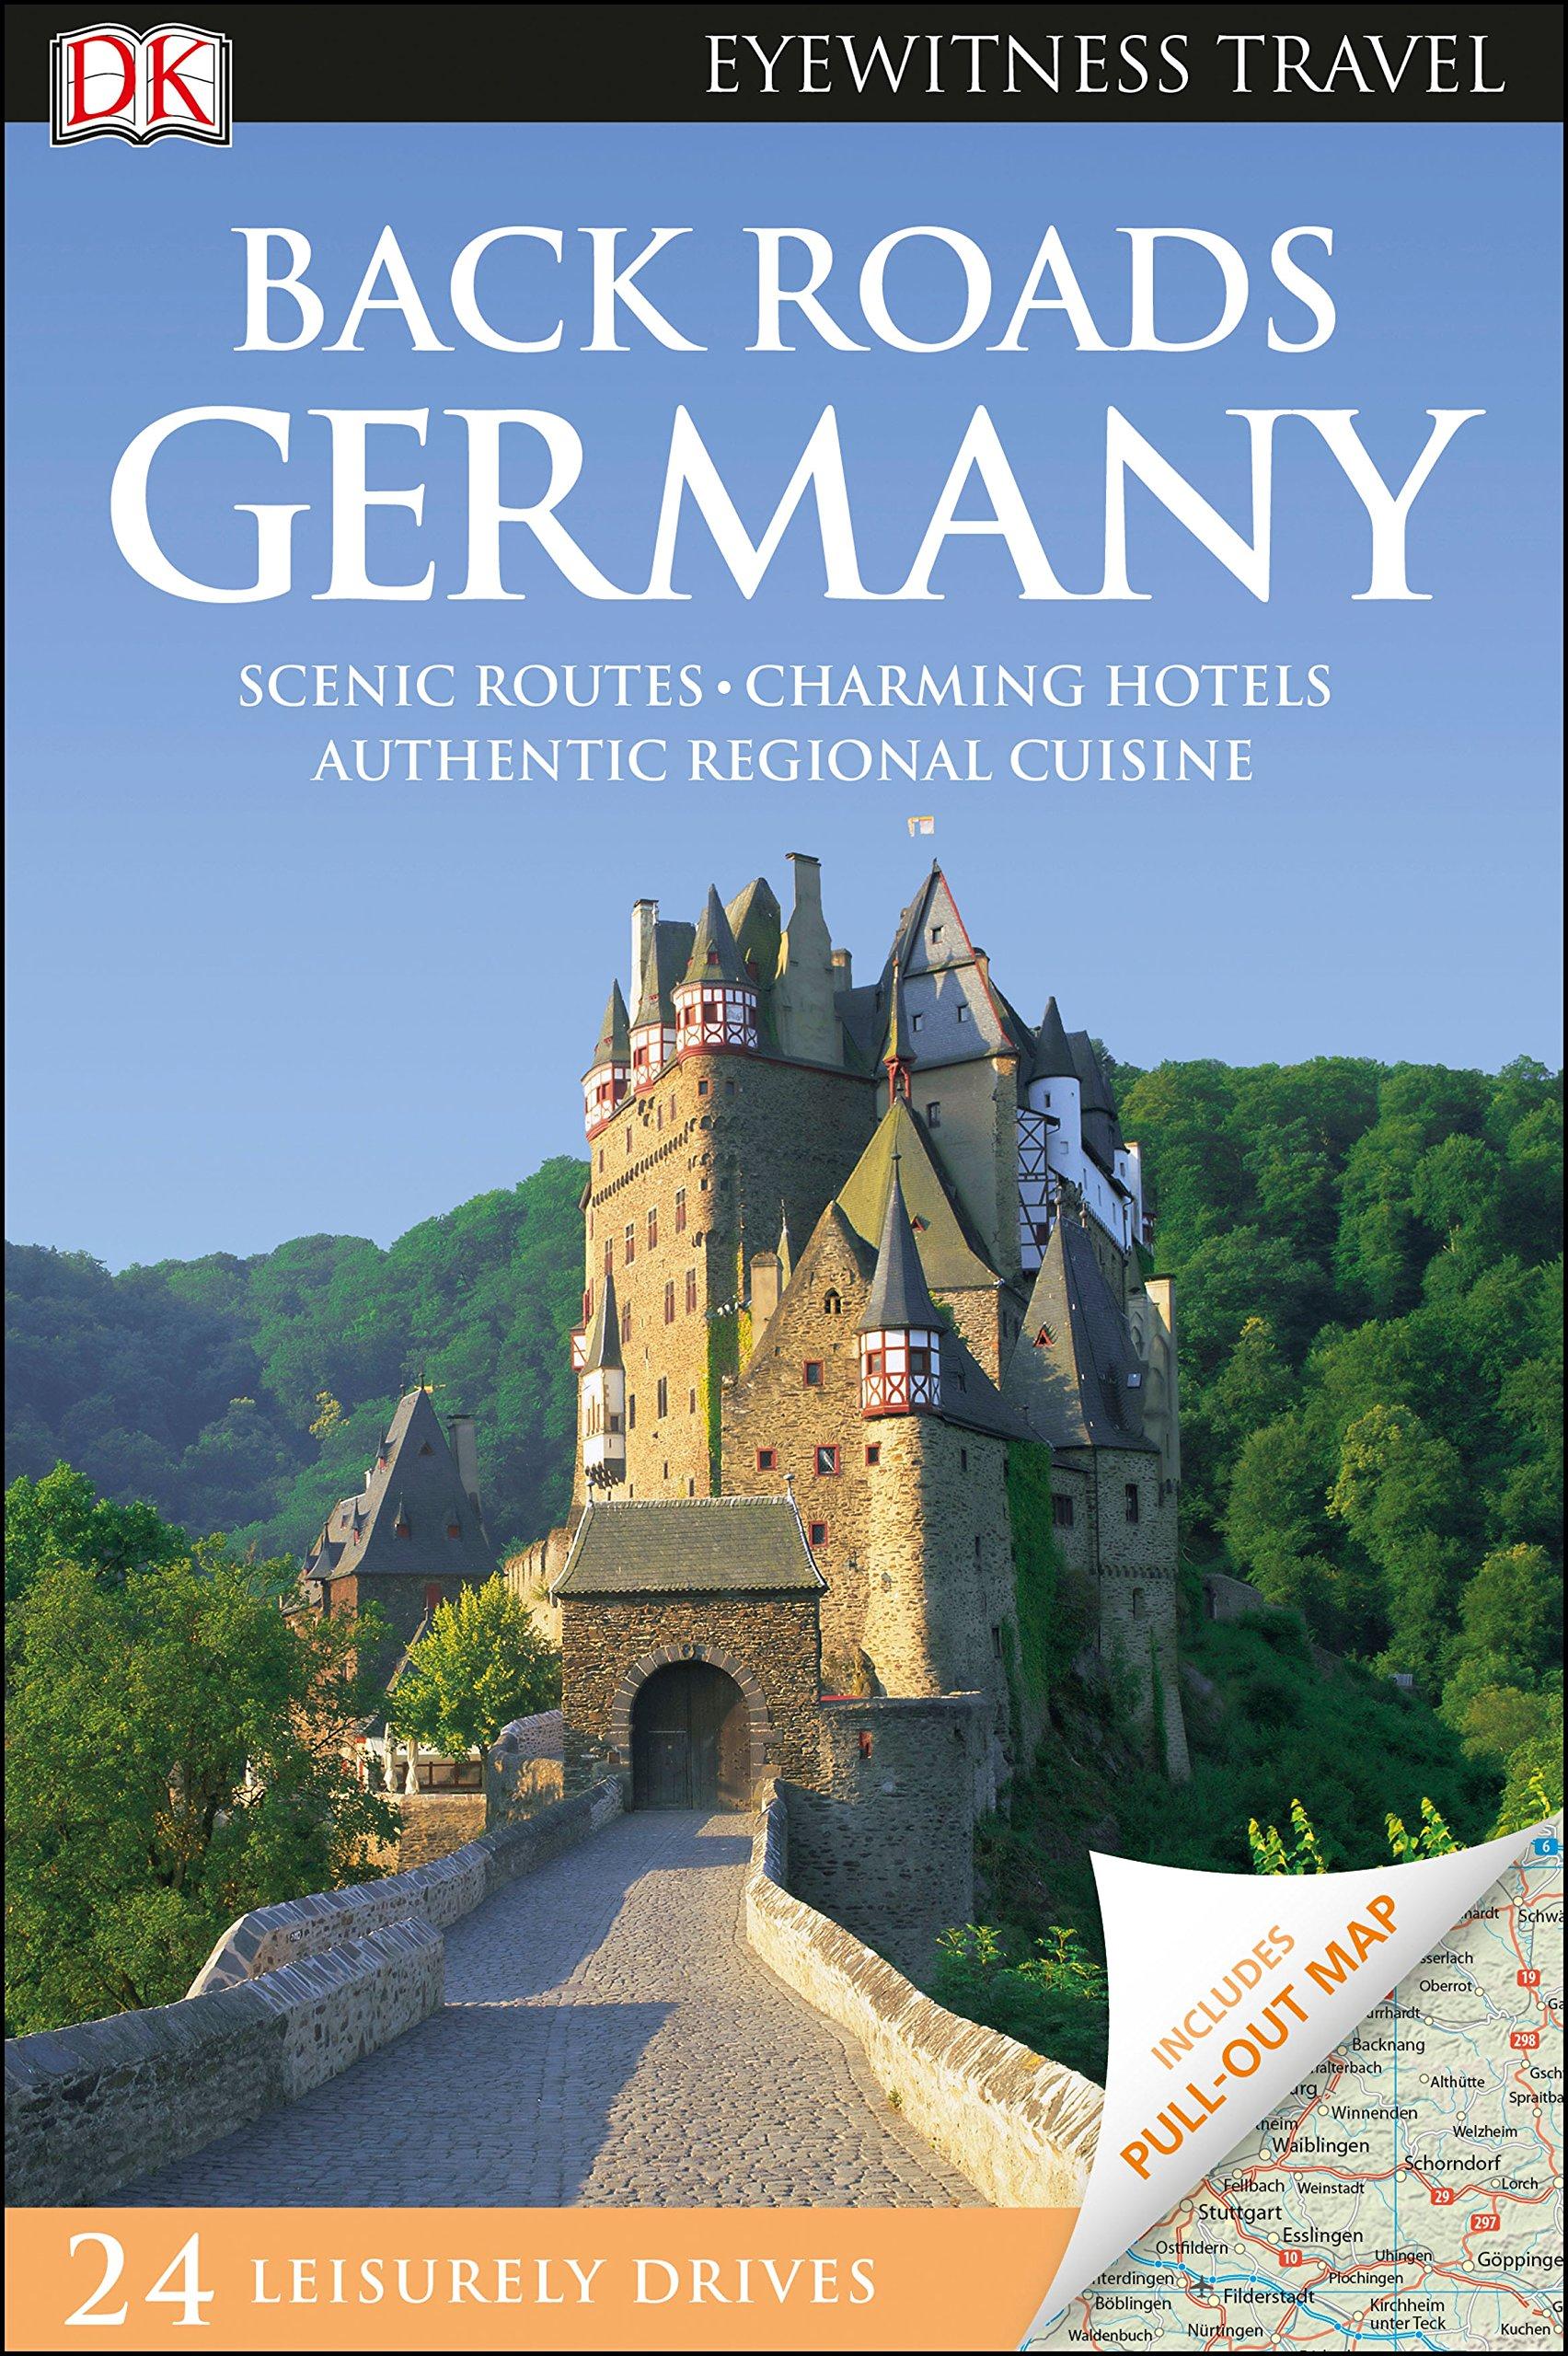 DK Eyewitness Back Roads Germany  Travel Guide